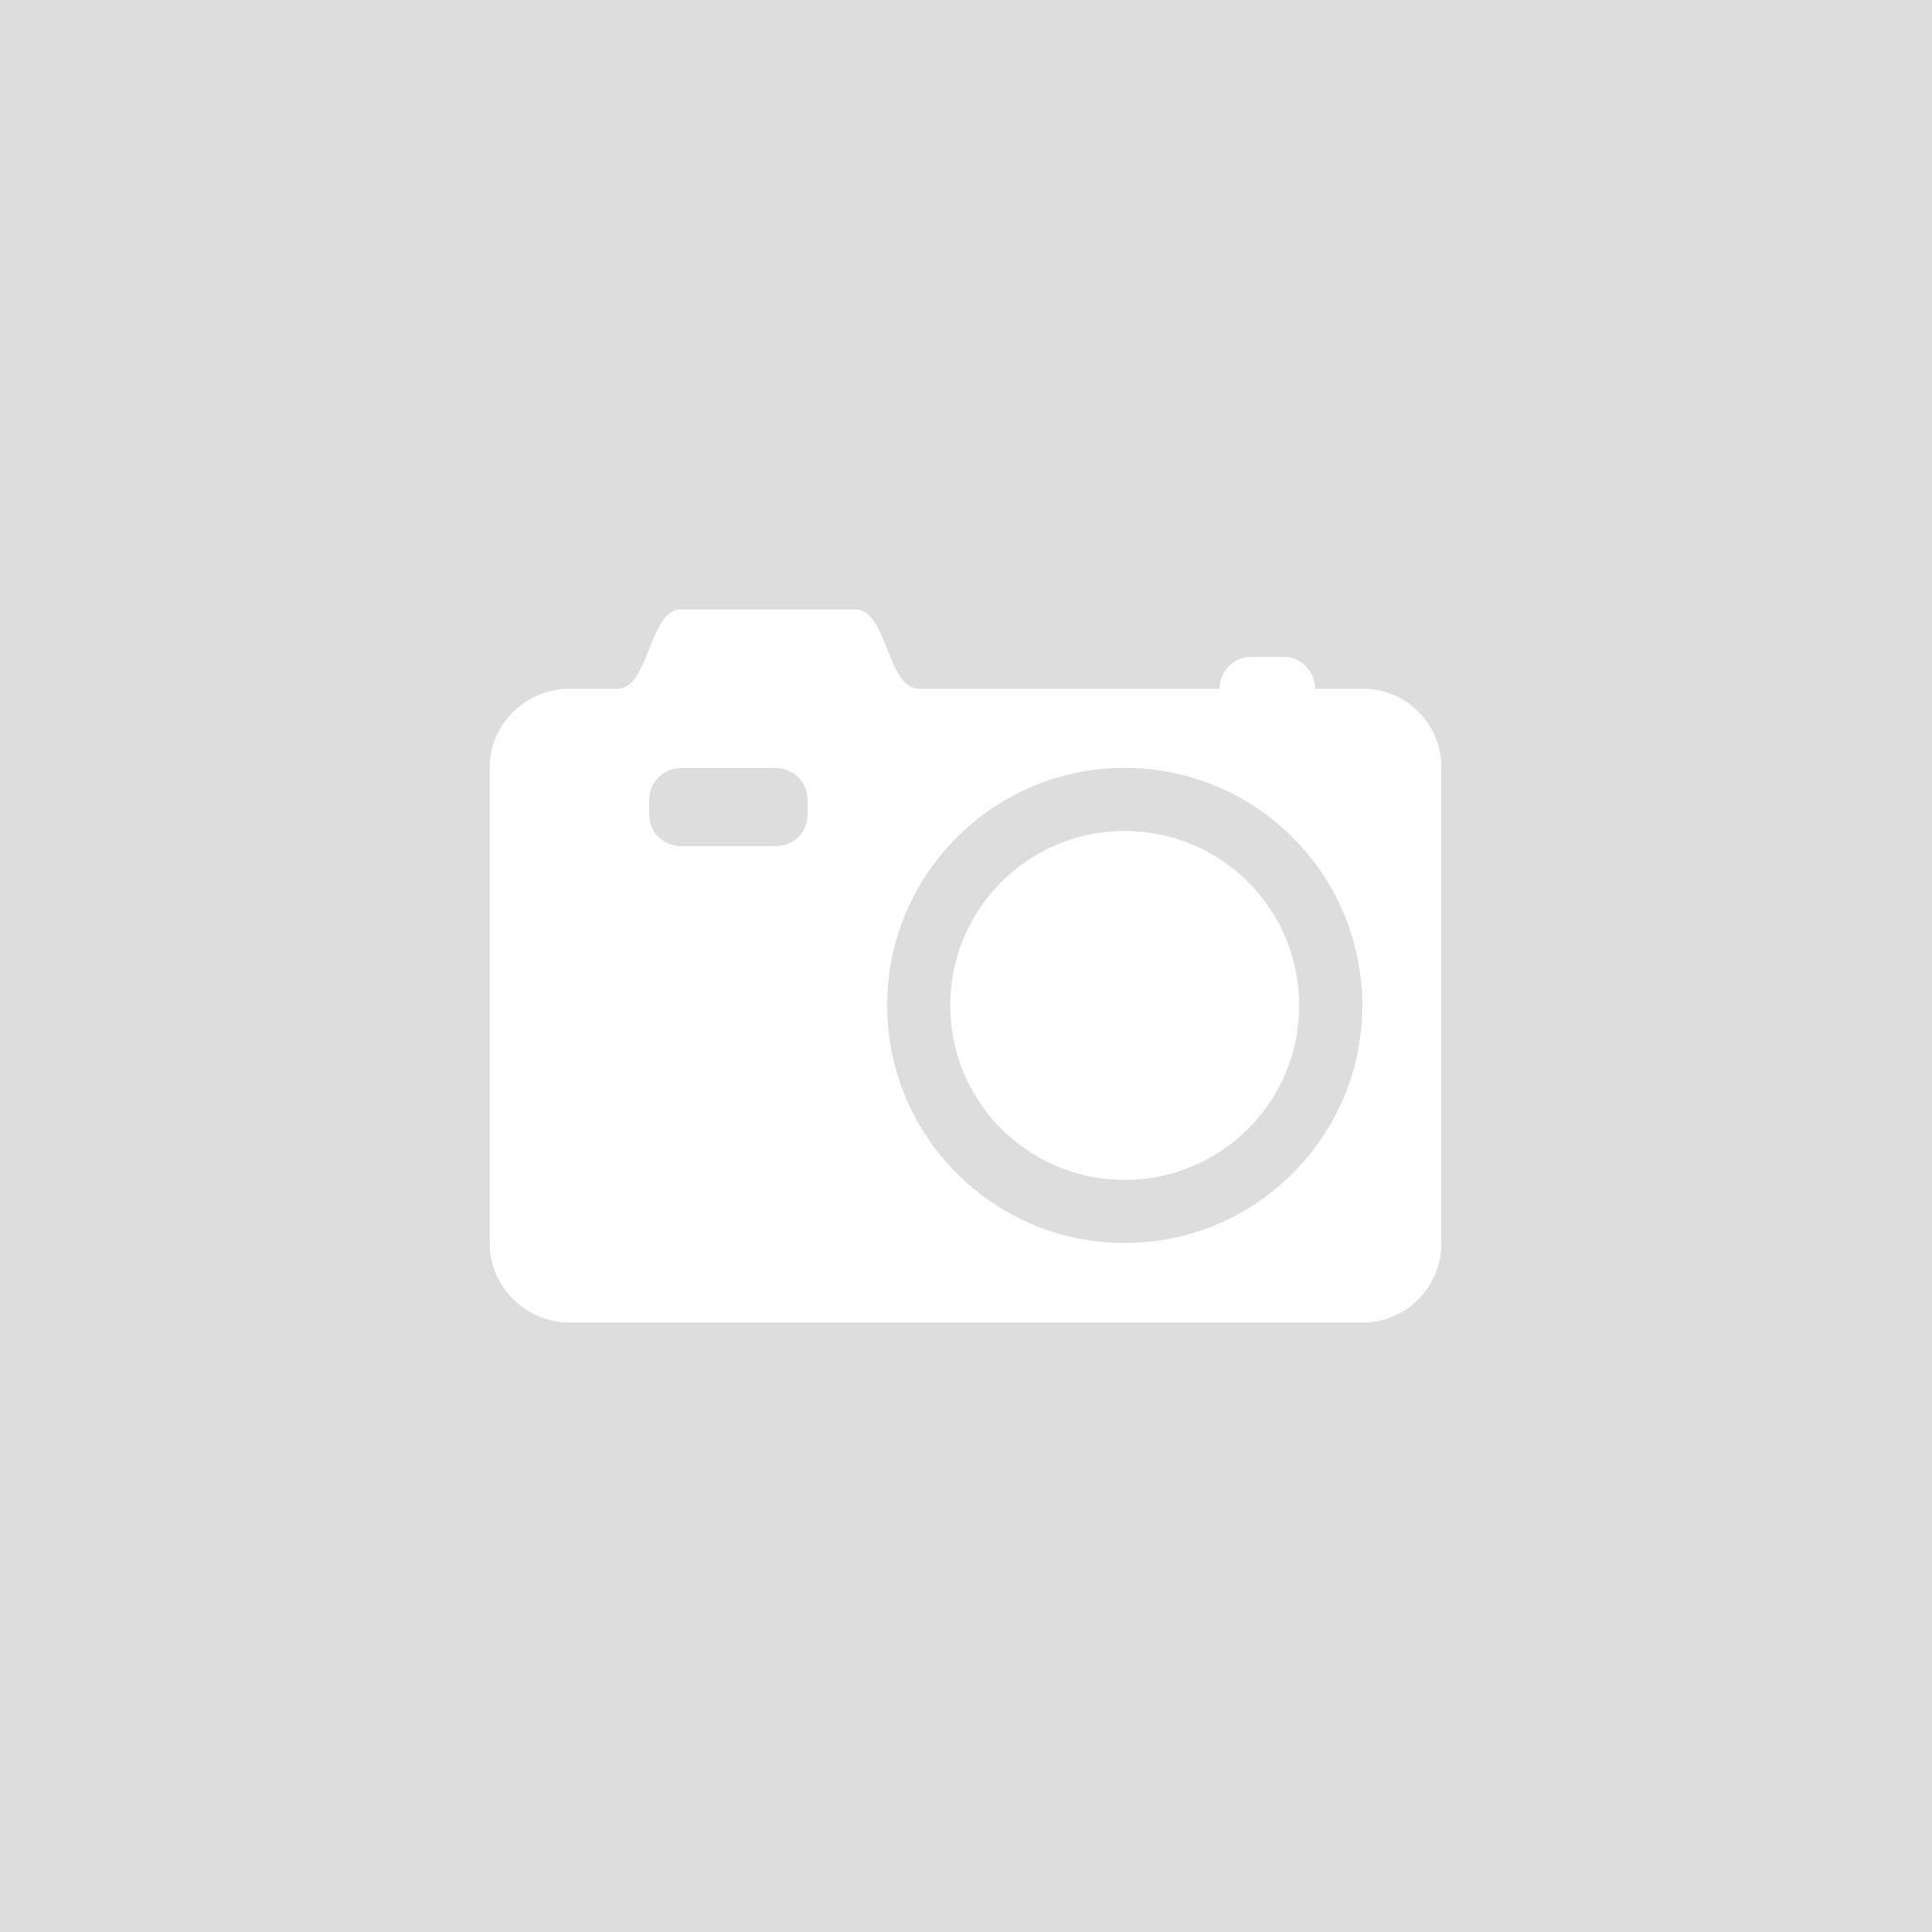 Fuchsia Pink / Charcoal Textured Wallpaper by Rasch 500844